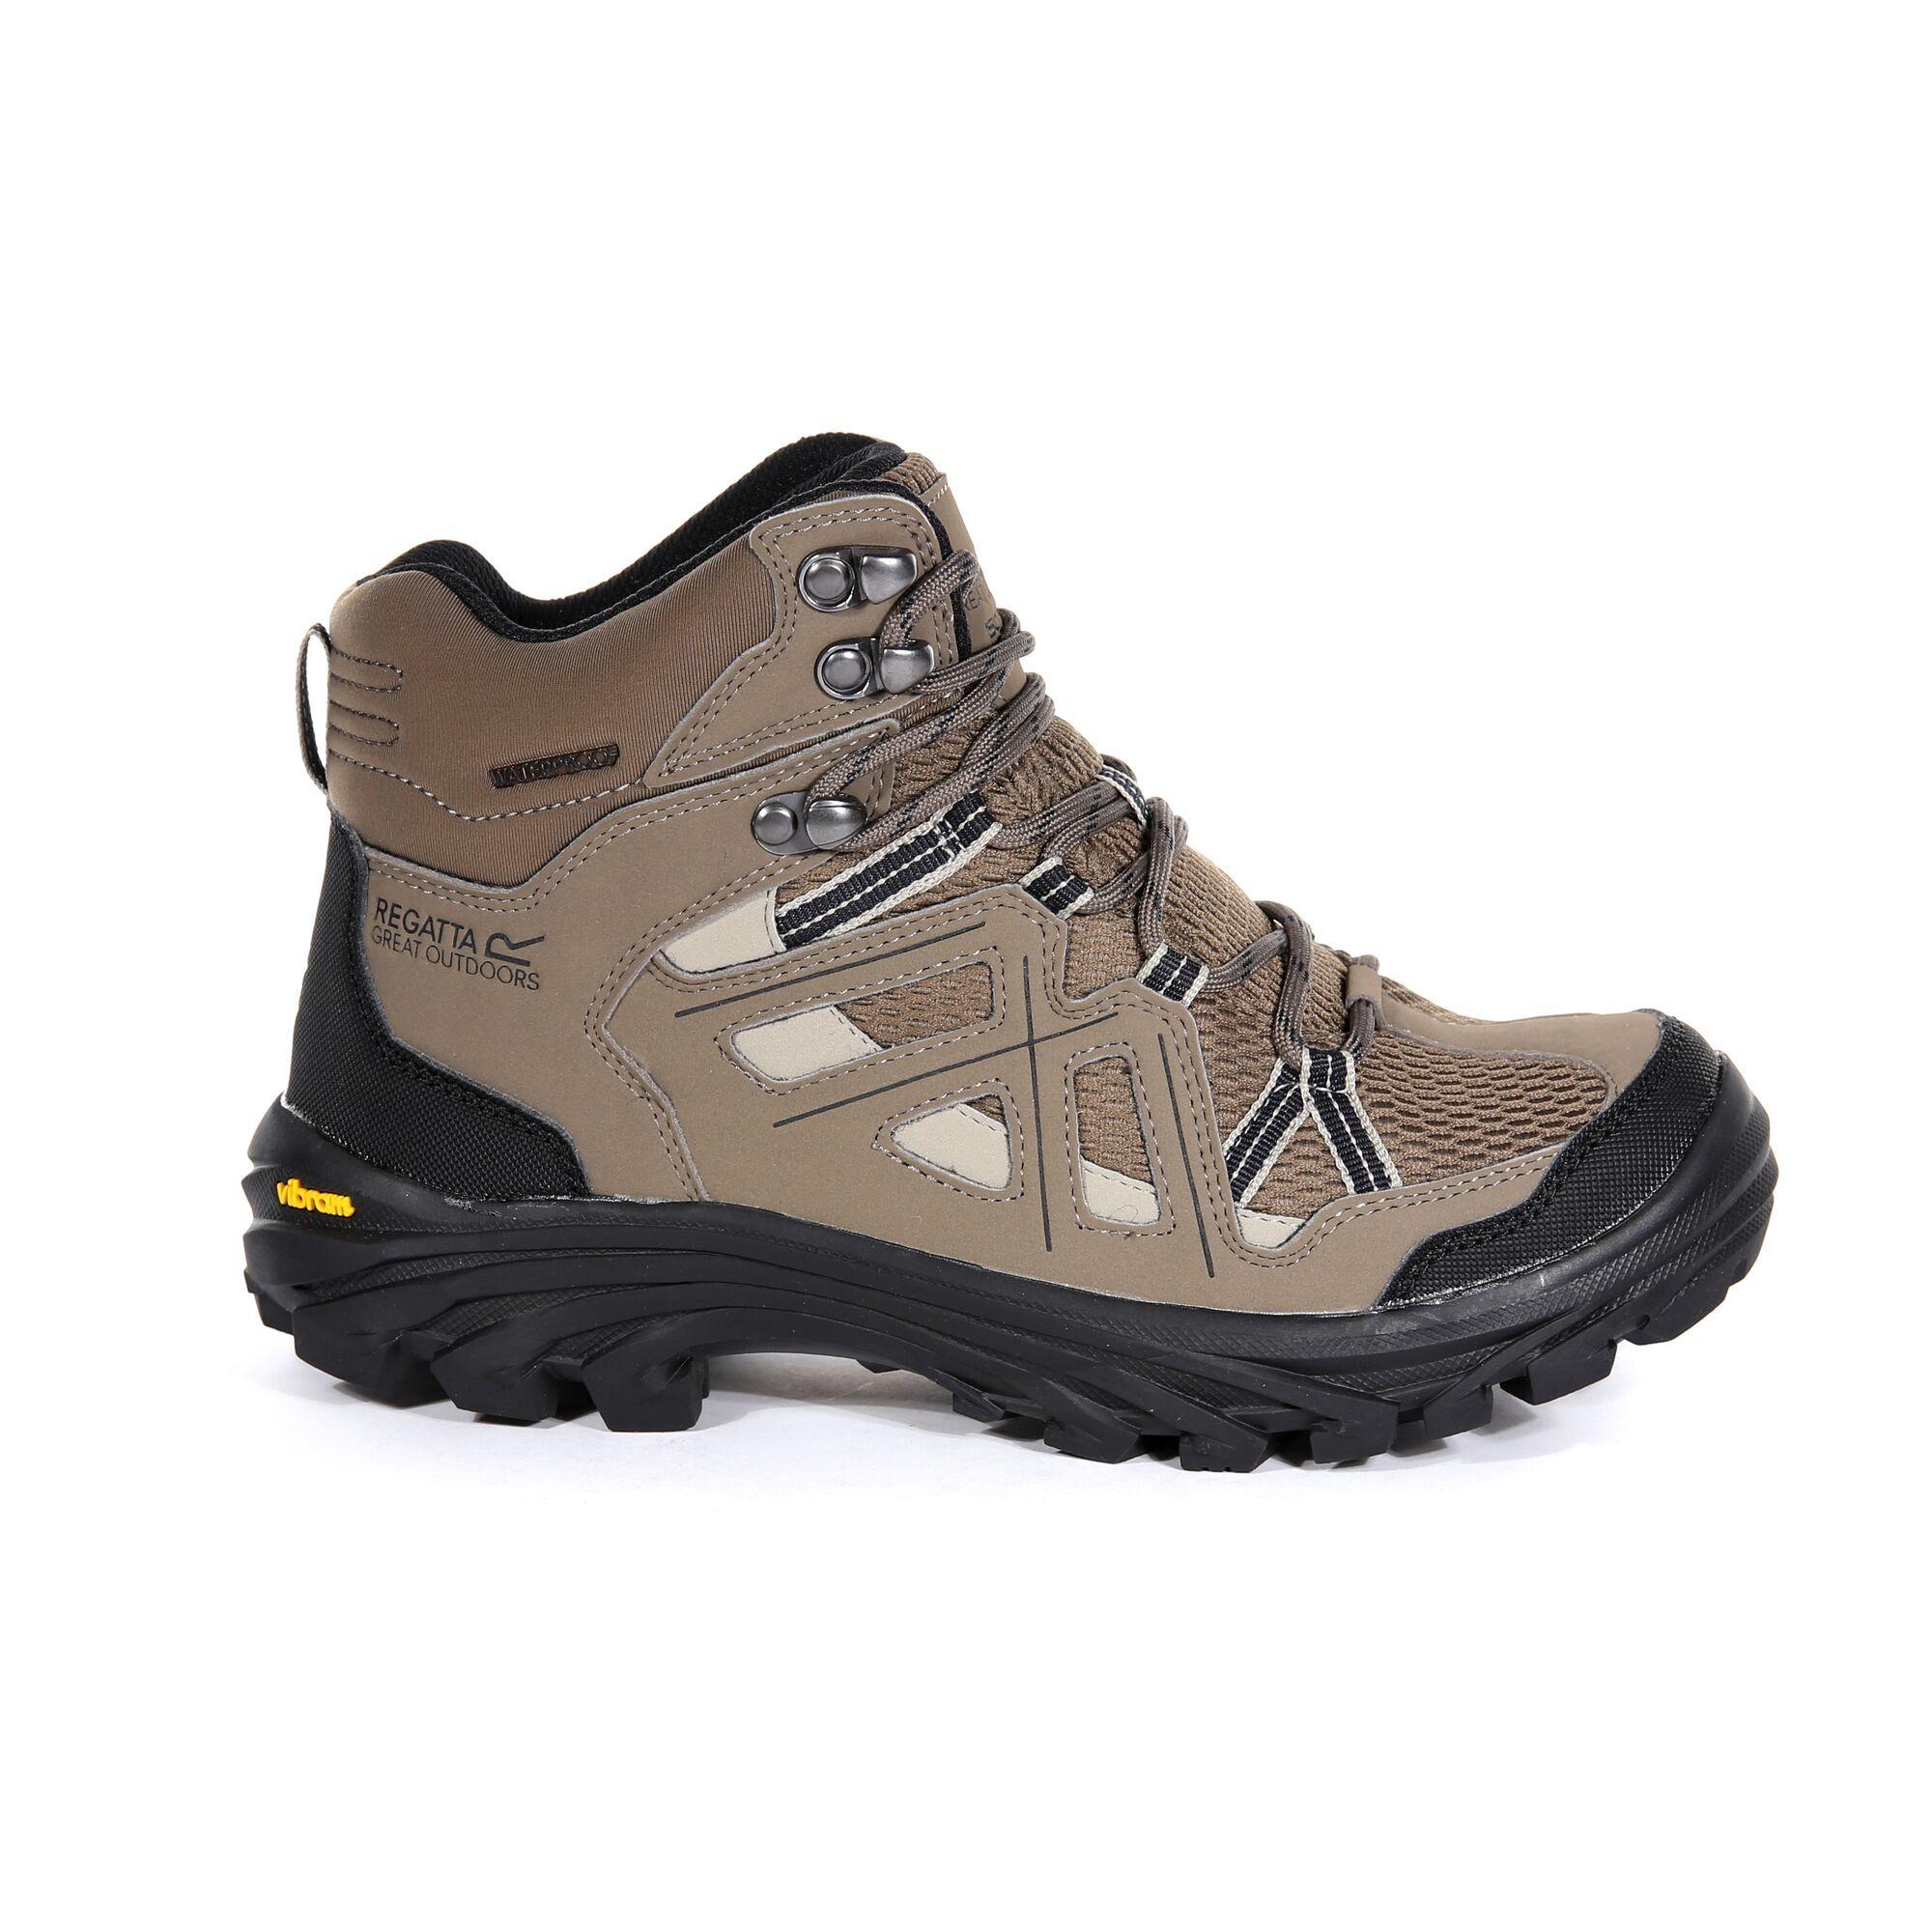 Regatta Womens/Ladies Burrell II Hiking Boots